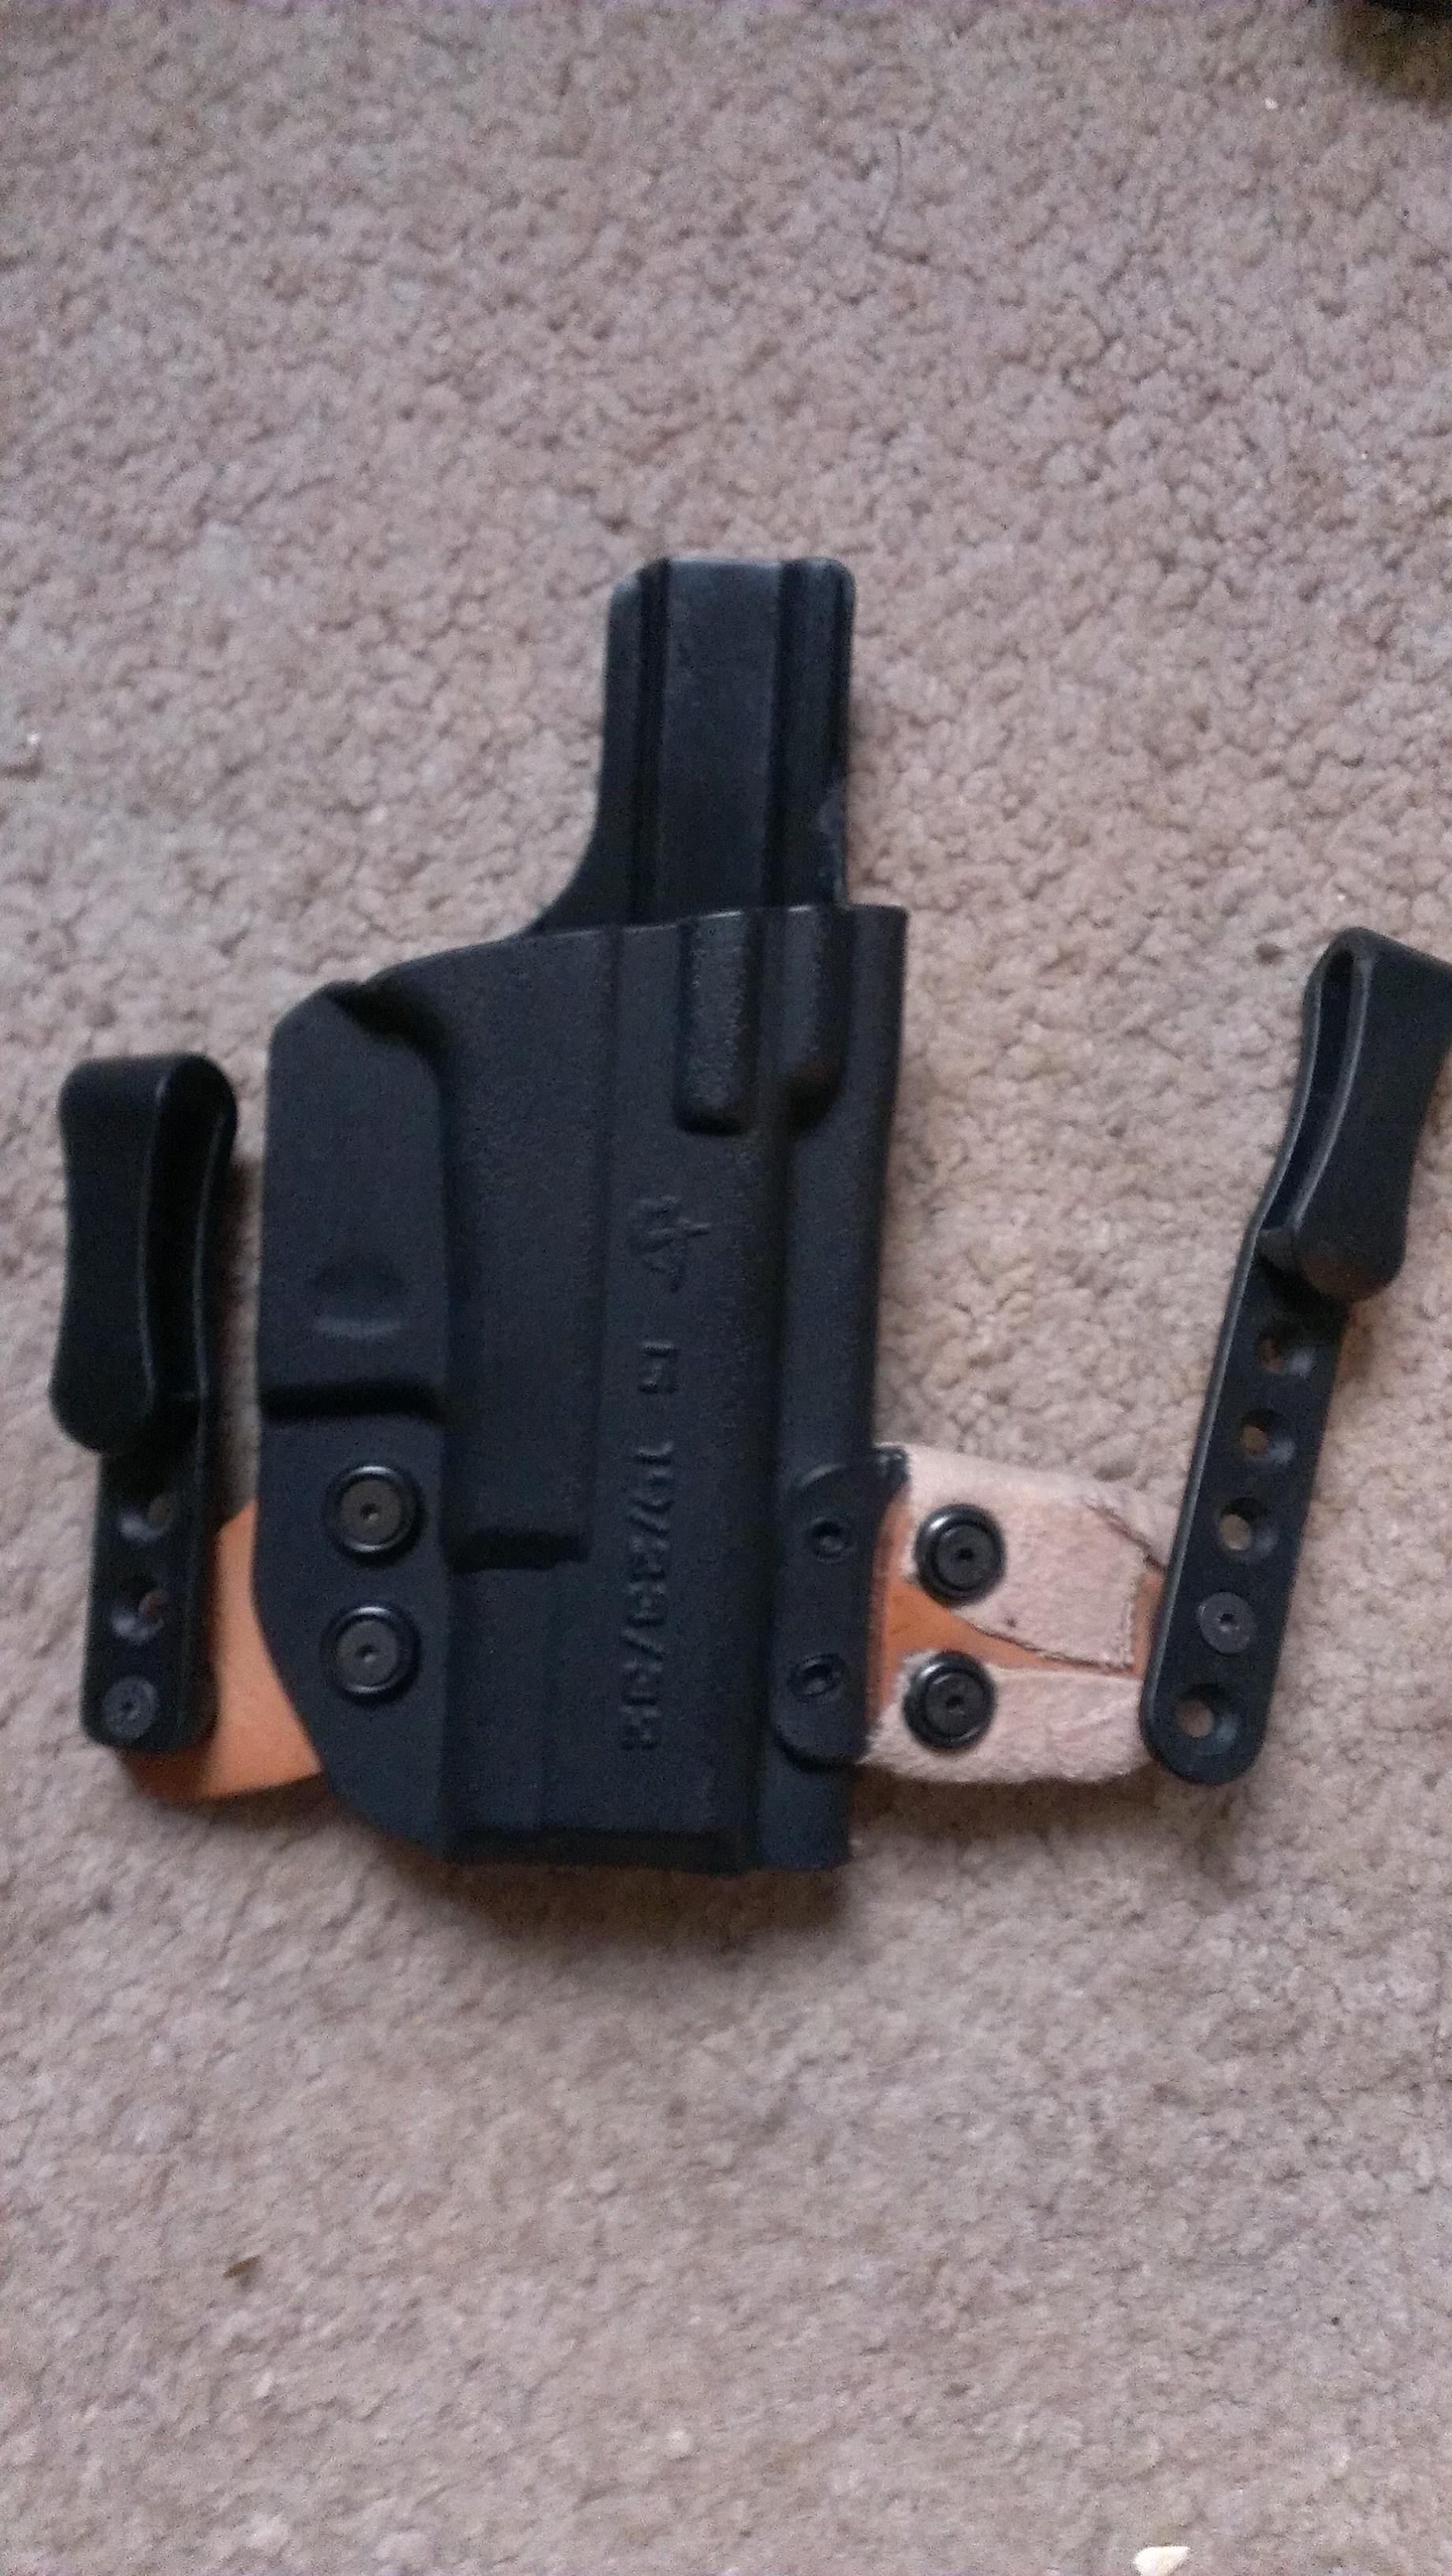 COMPTAC CTAC Holster for Glock 19/23/32 (also works with 26/27/33)-imag0326.jpg